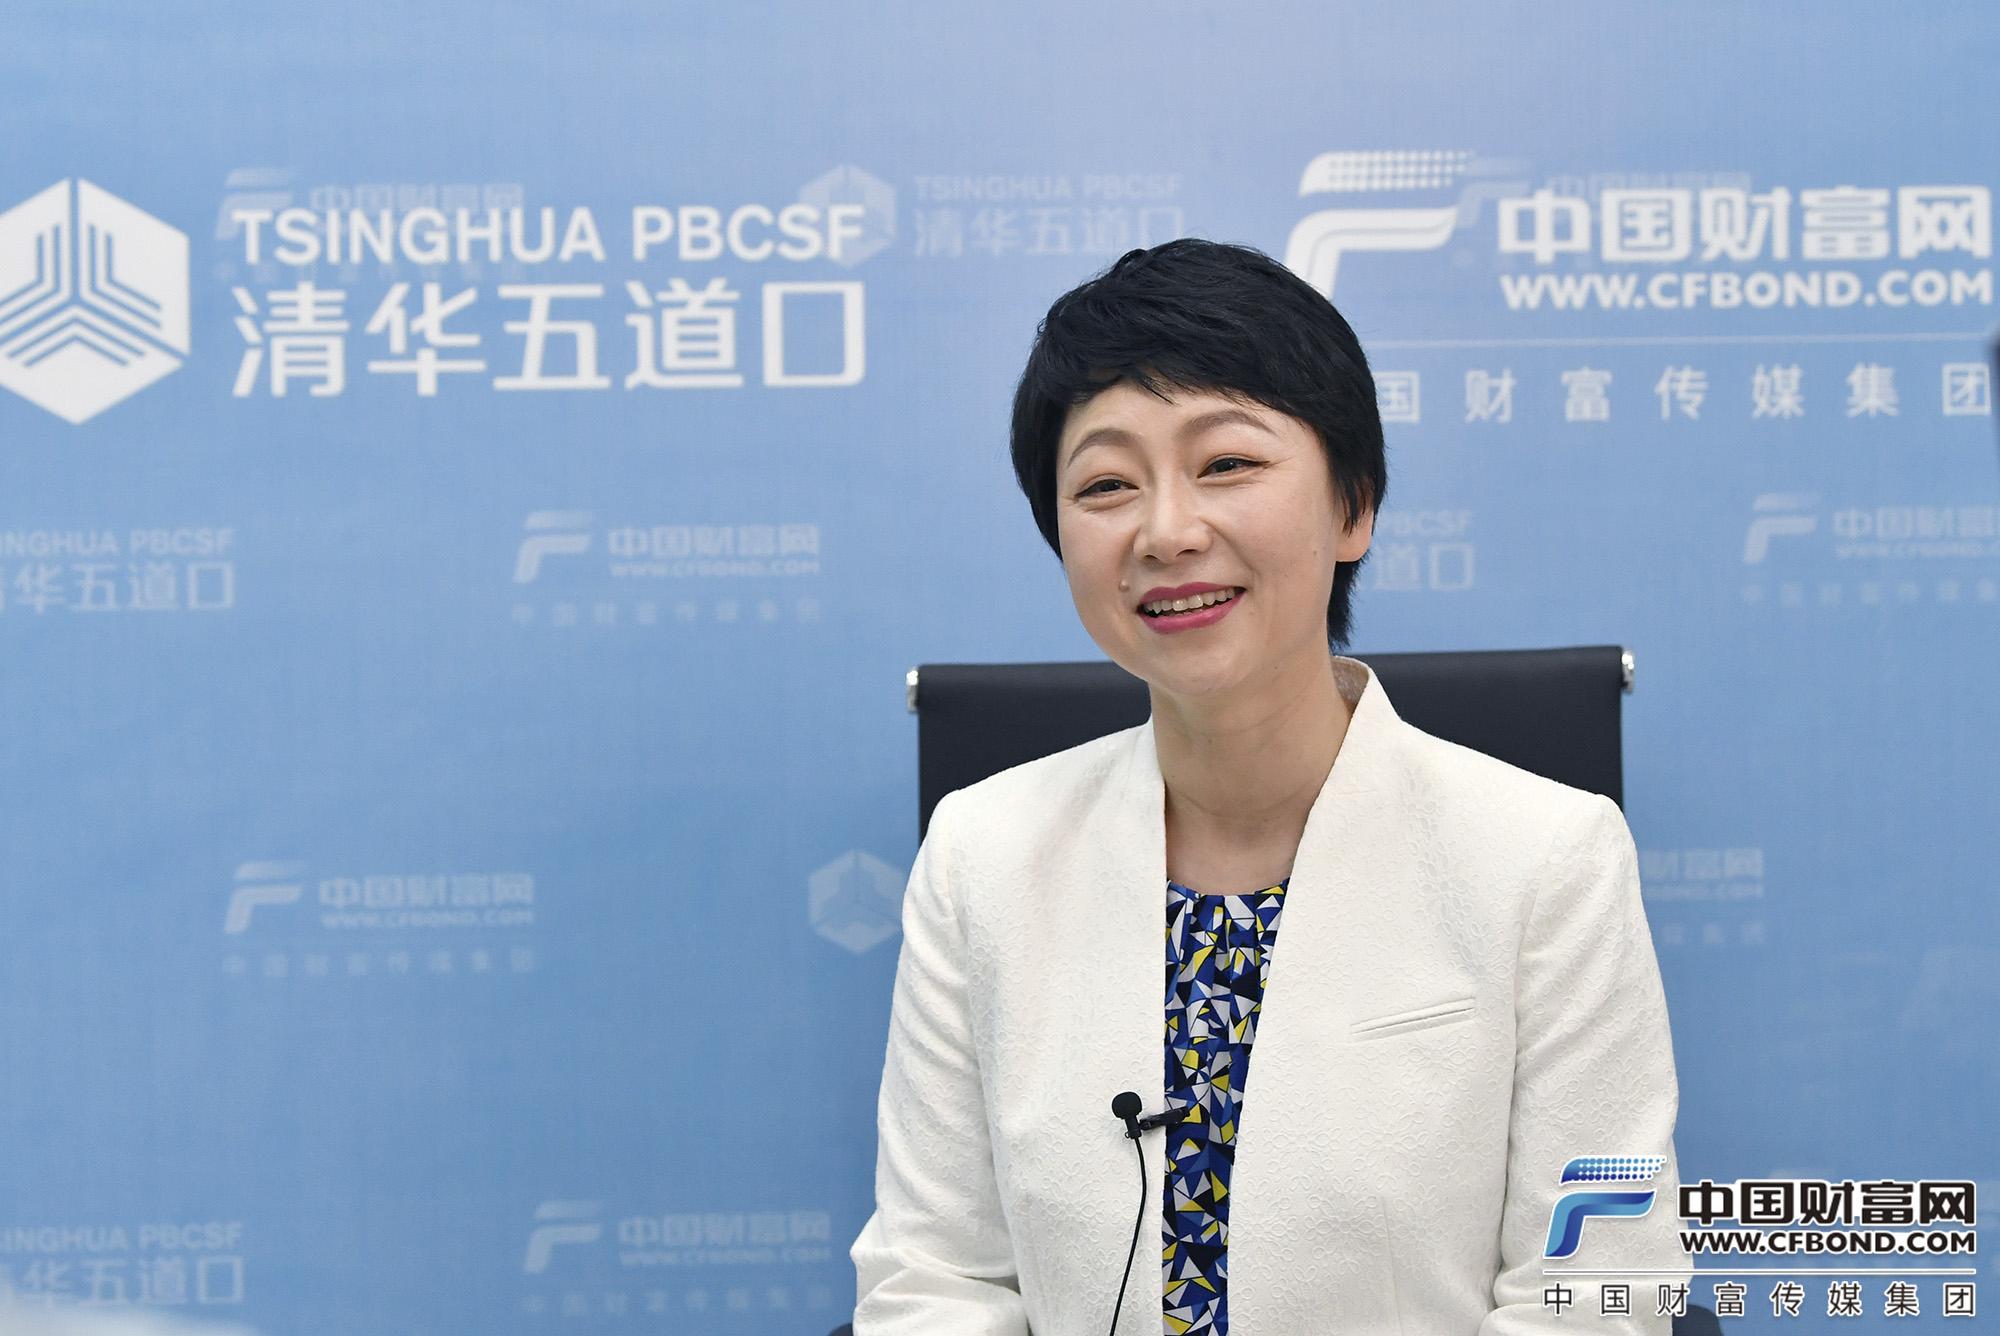 清华大学五道口金融学院副院长张晓燕接受中国财富网专访